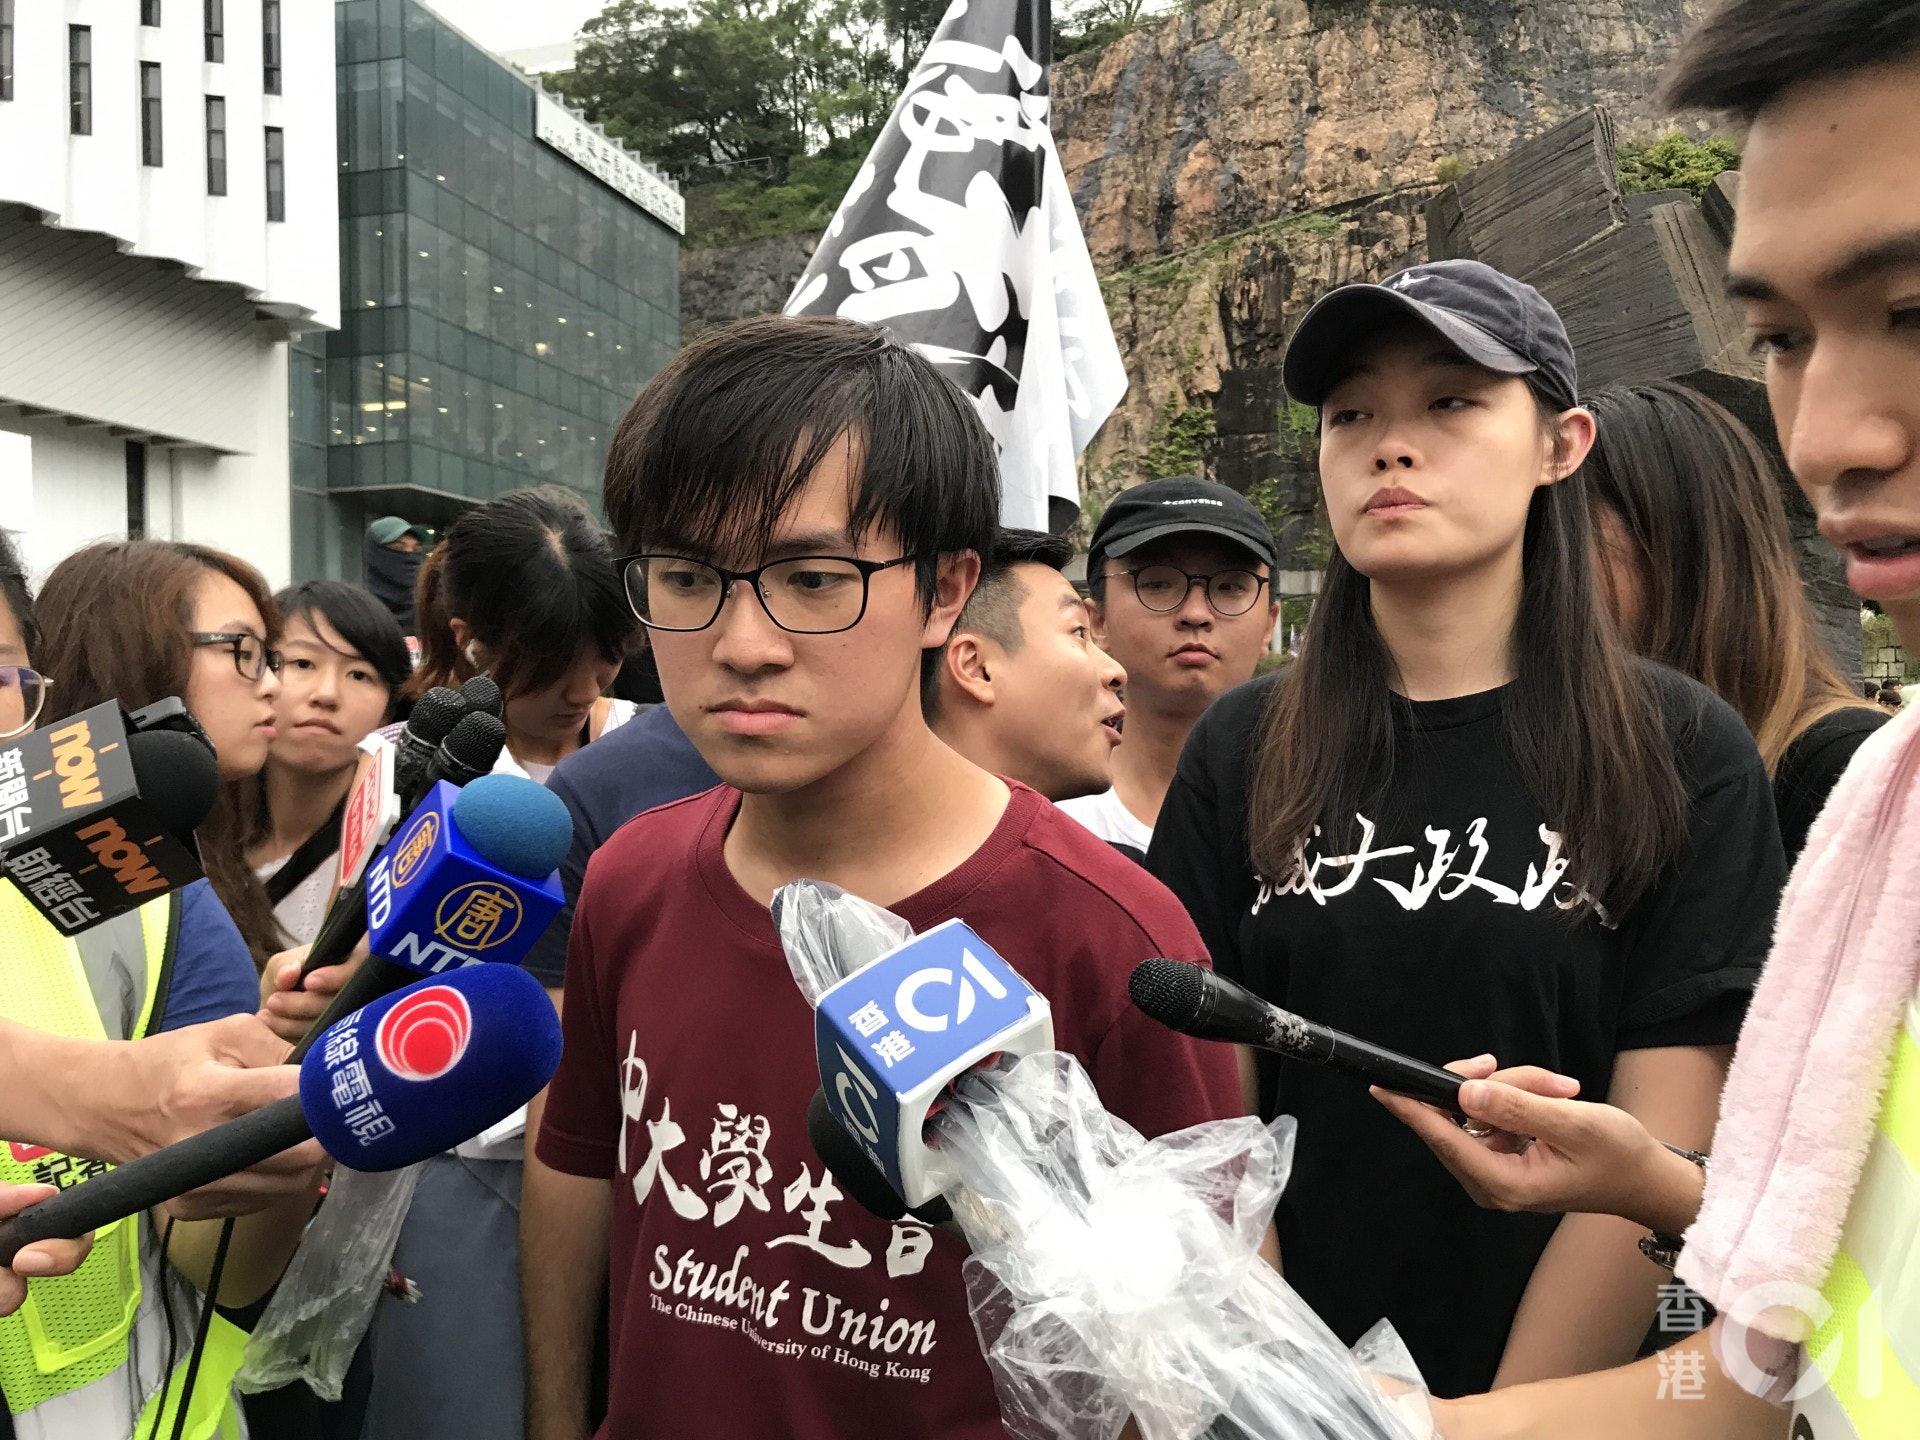 蘇浚鋒估算今日約有3萬人罷課集會,若政府在「死線」前仍不回應訴求,不排除把行動升級。(鄧穎琳攝)